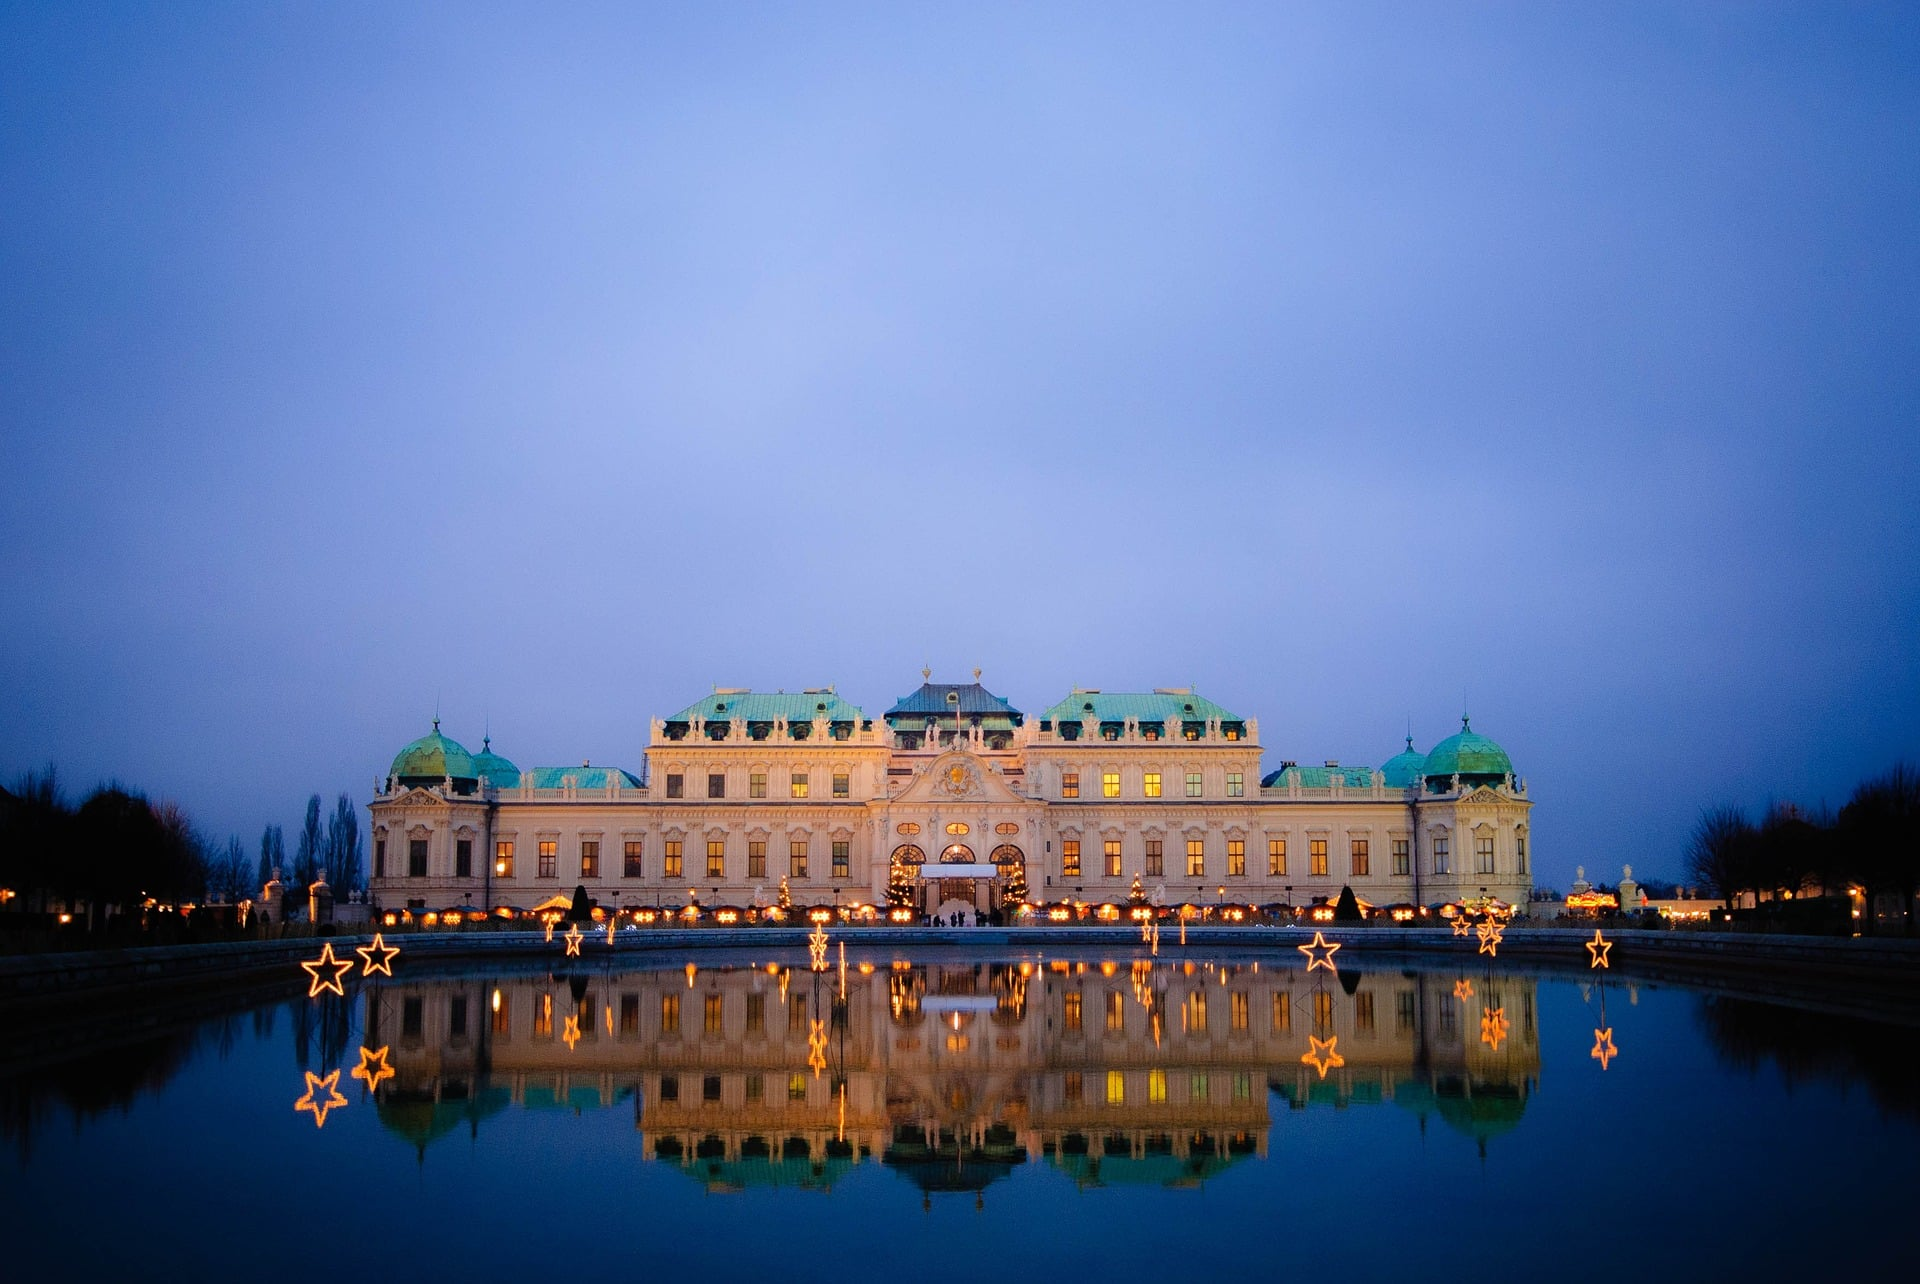 Diario de una VIP Maiden: Fin de año en Viena